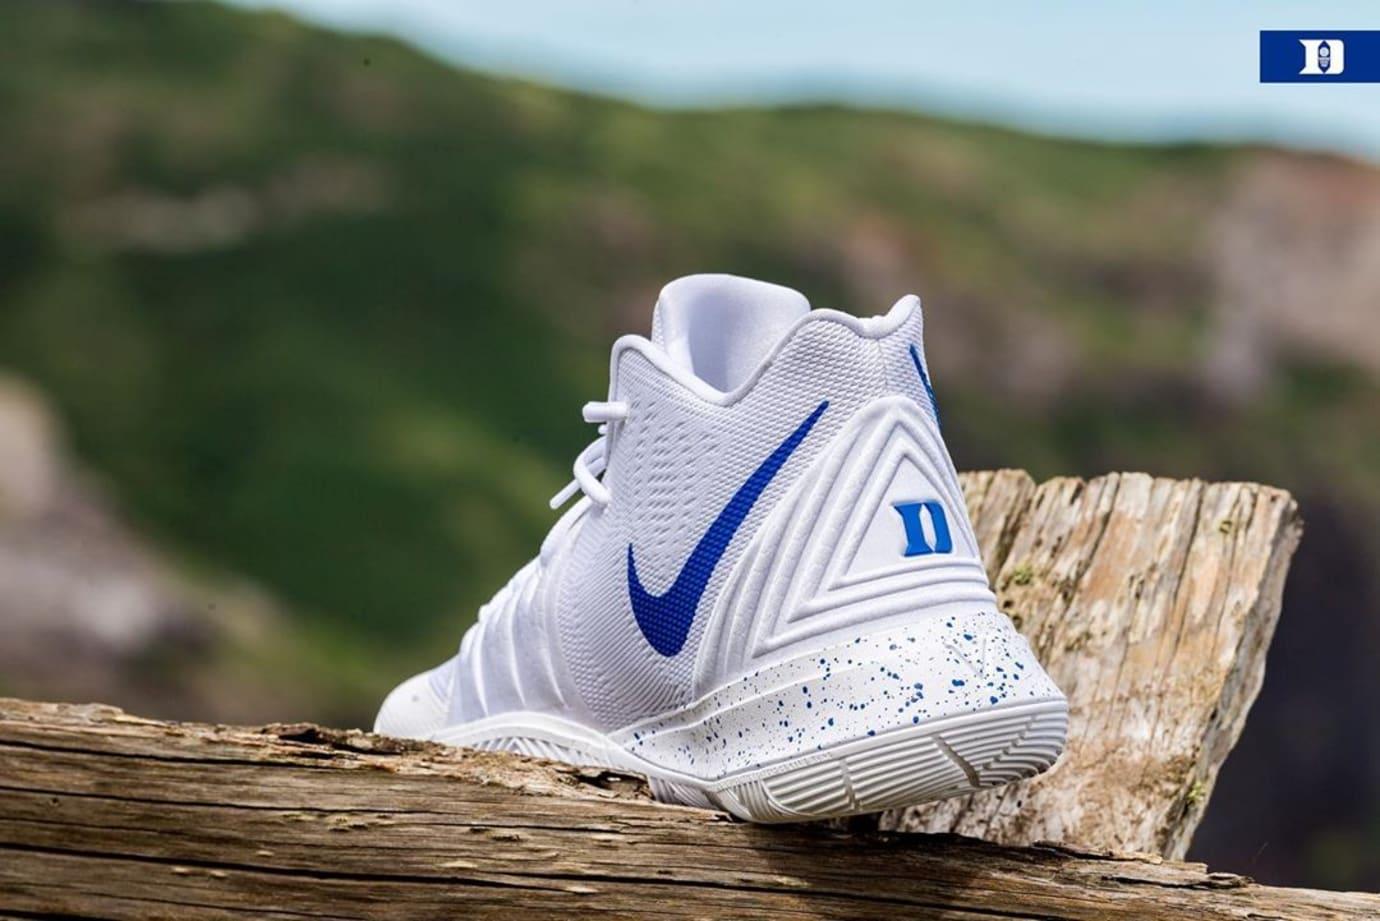 Nike Kyrie 5 'Duke' PE White (Heel)